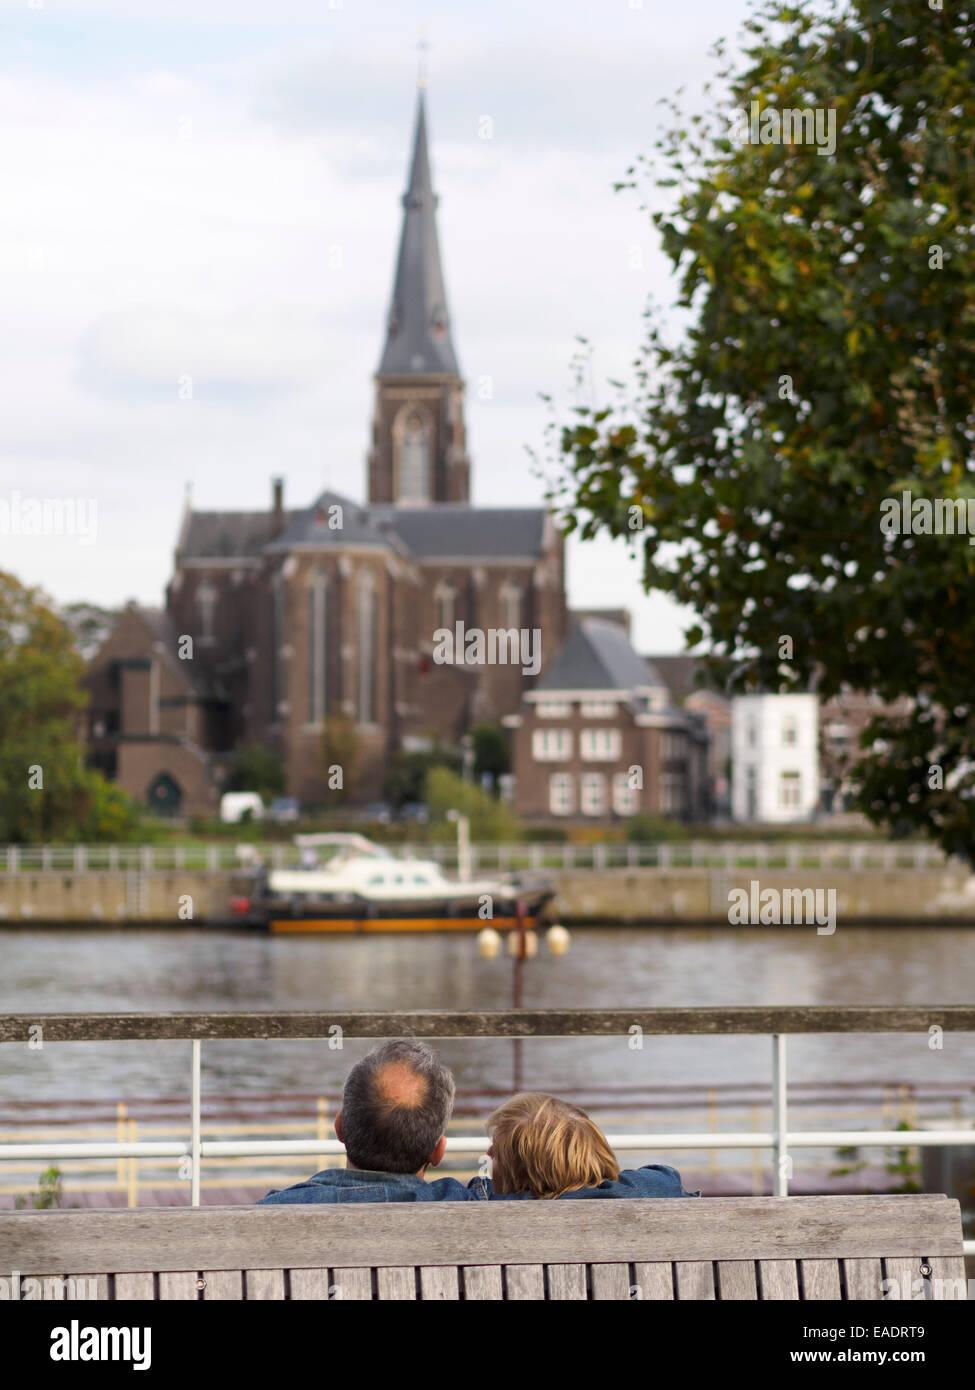 Coppia di mezza età che abbraccia su una panchina nel parco di fronte al fiume Maas e il San Martinus chiesa Immagini Stock